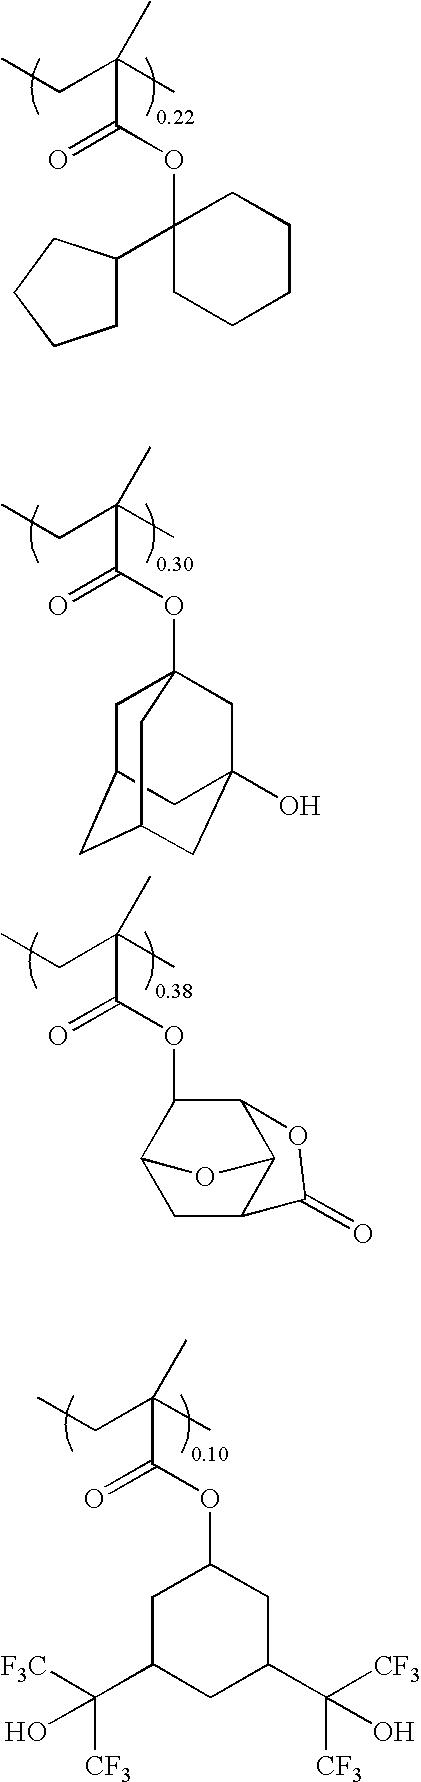 Figure US07368218-20080506-C00062